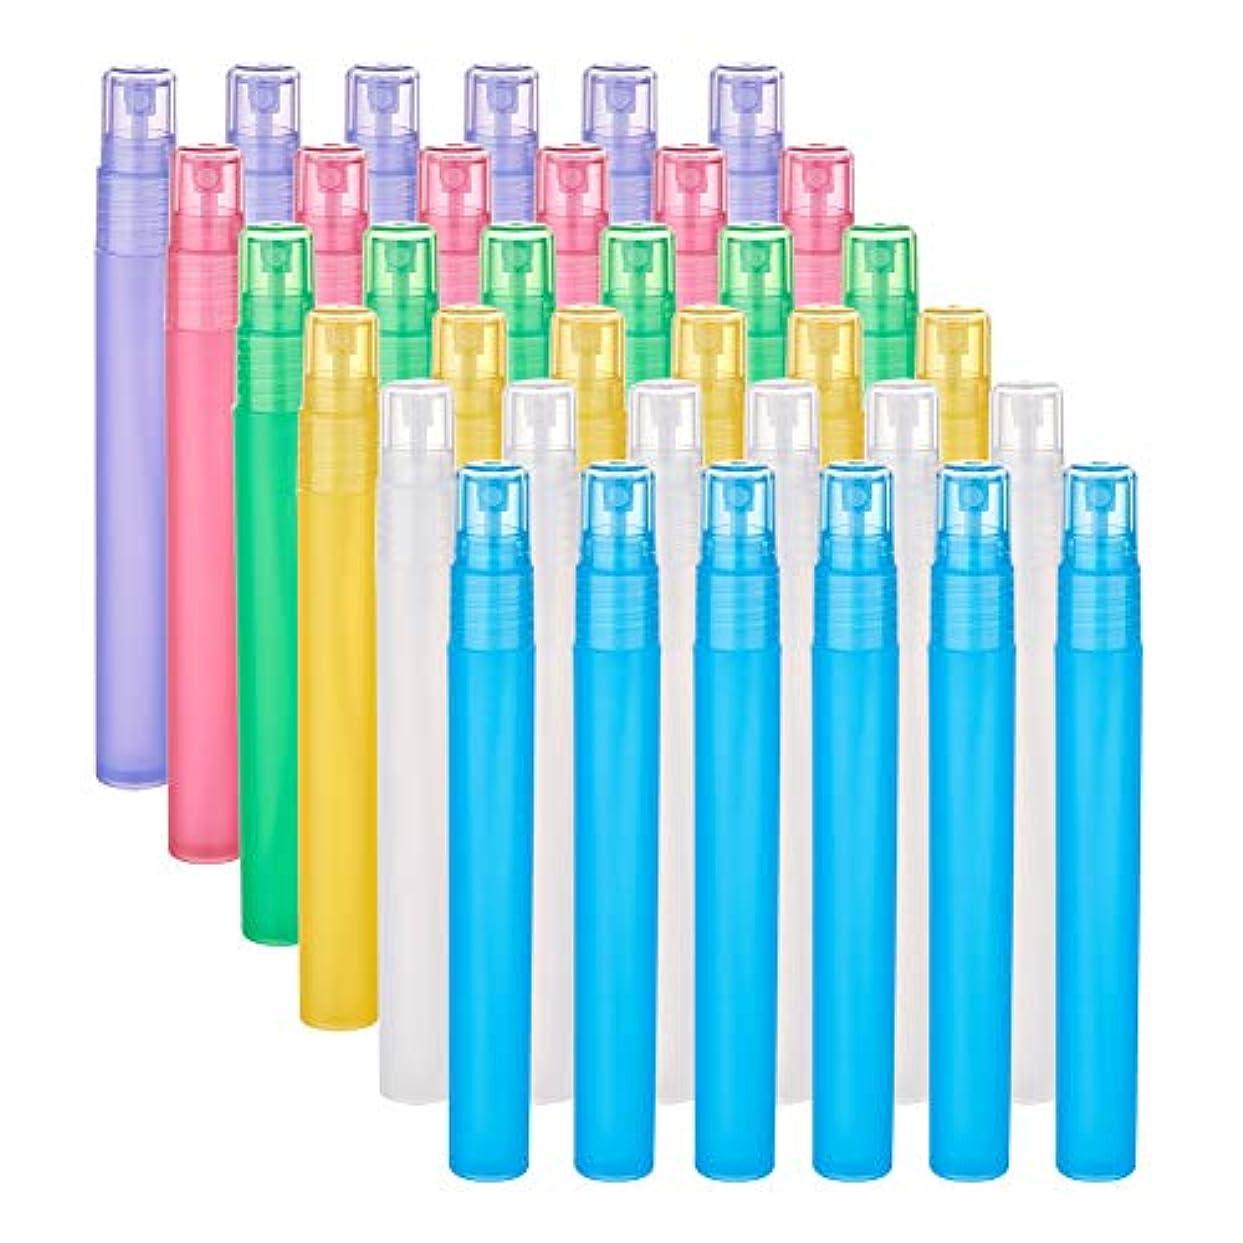 手伝うエラーカスタムBENECREAT 24個セット15ml香水スプレーボトル 6種色 プラスティック製 極細ミスト 香水 化粧水 コスメ小分けボトル 詰め替え